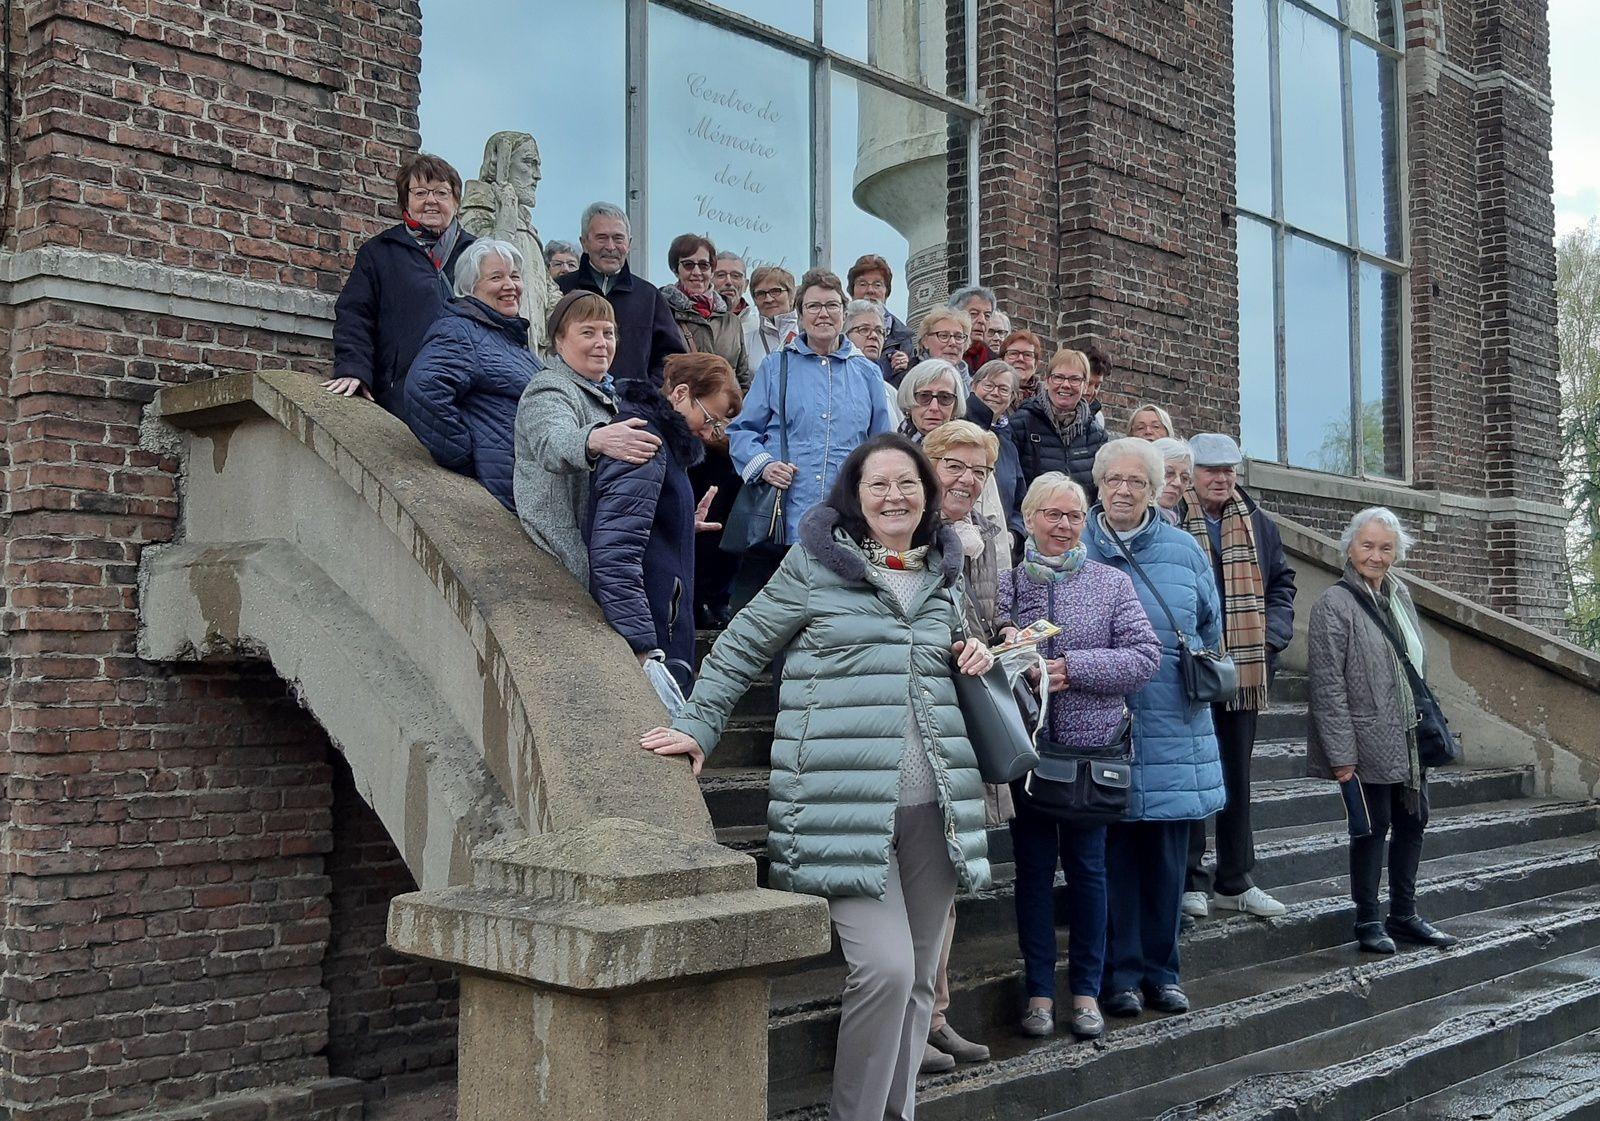 Mercredi 3 avril - 37 Membres de l'Université d'Anchin sont venus nous rendre visite